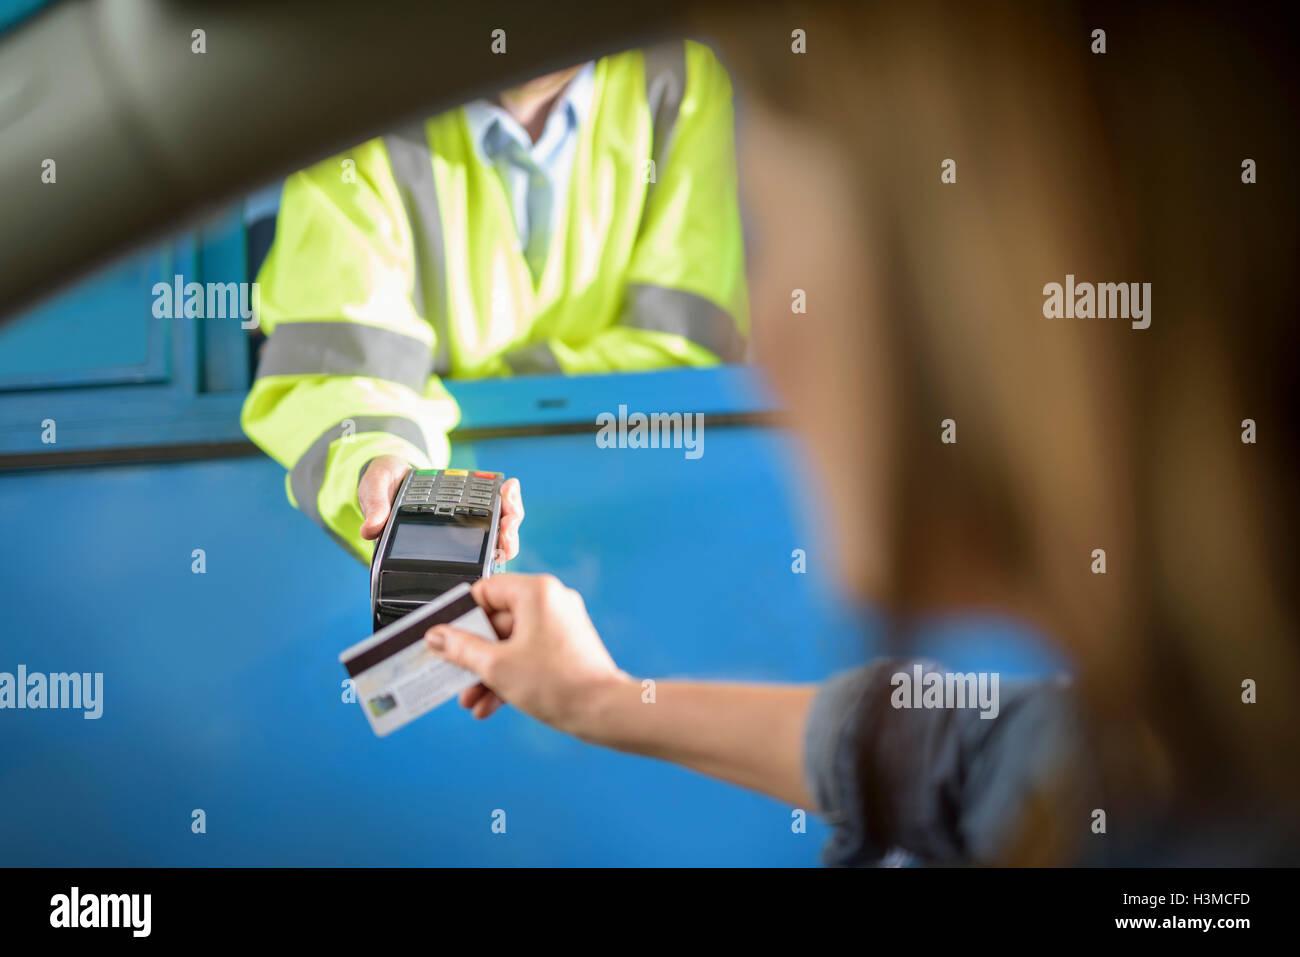 Driver in auto il pagamento pedaggio utilizzando carta contactless tecnologia dei pagamenti, close up Immagini Stock